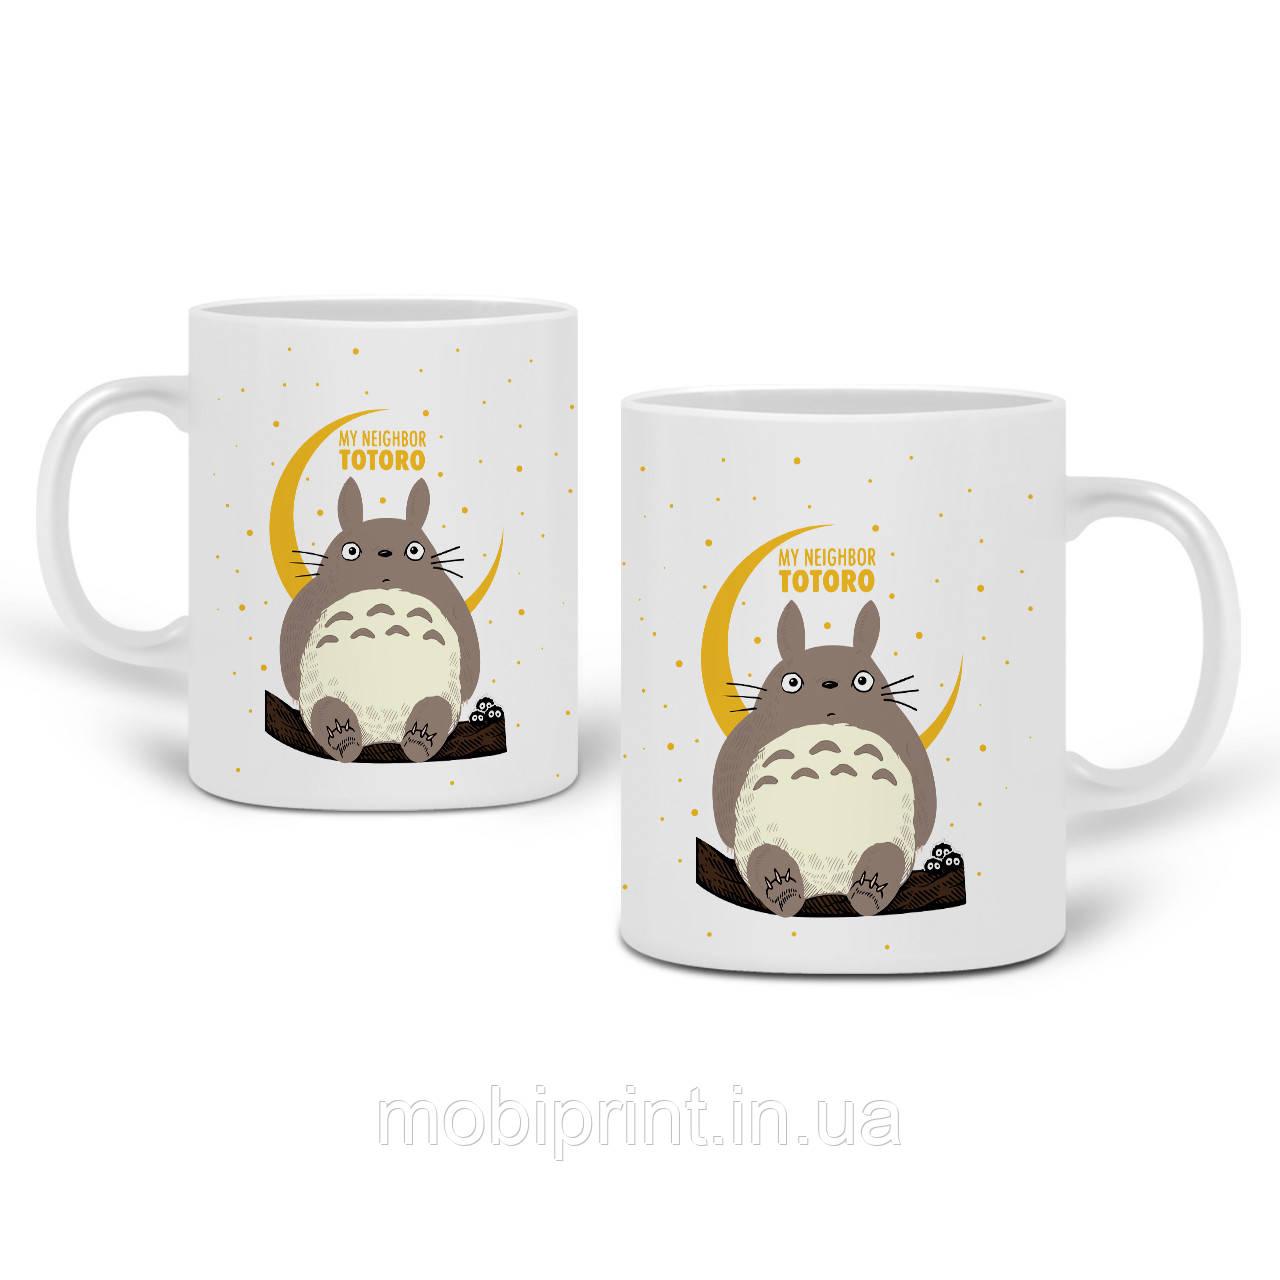 Кружка Мій сусід Тоторо (My Neighbor Totoro) 330 мл Чашка Керамічна (20259-2657)